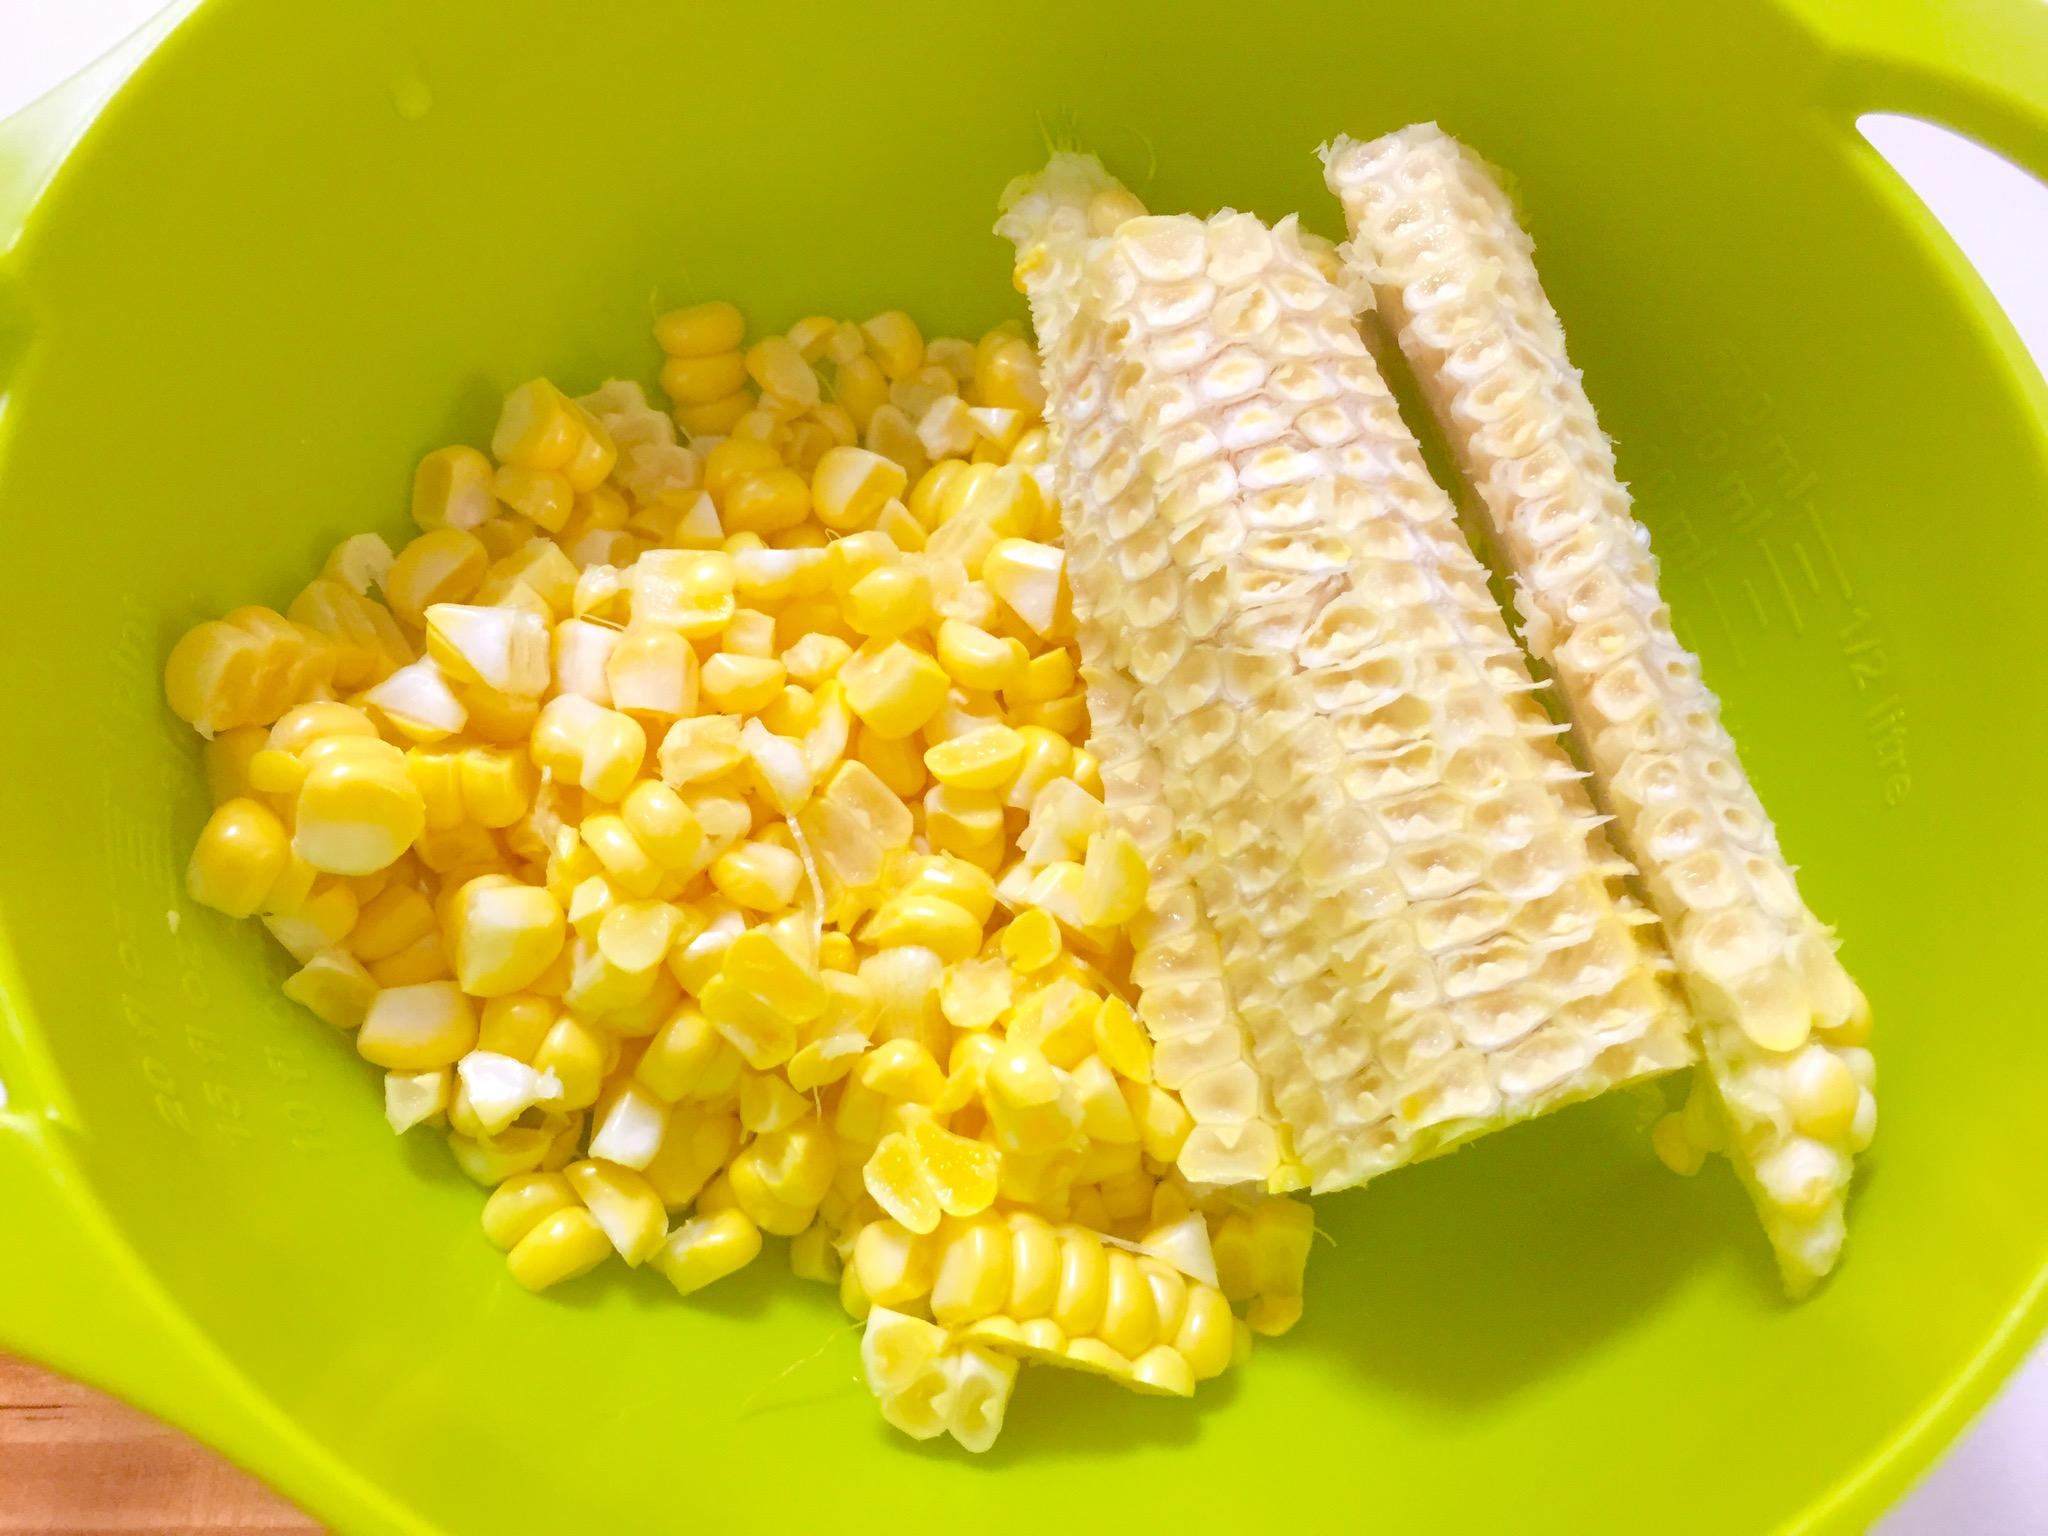 トウモロコシは、皮をむき洗い、芯から実を削ぎほぐしておきます。